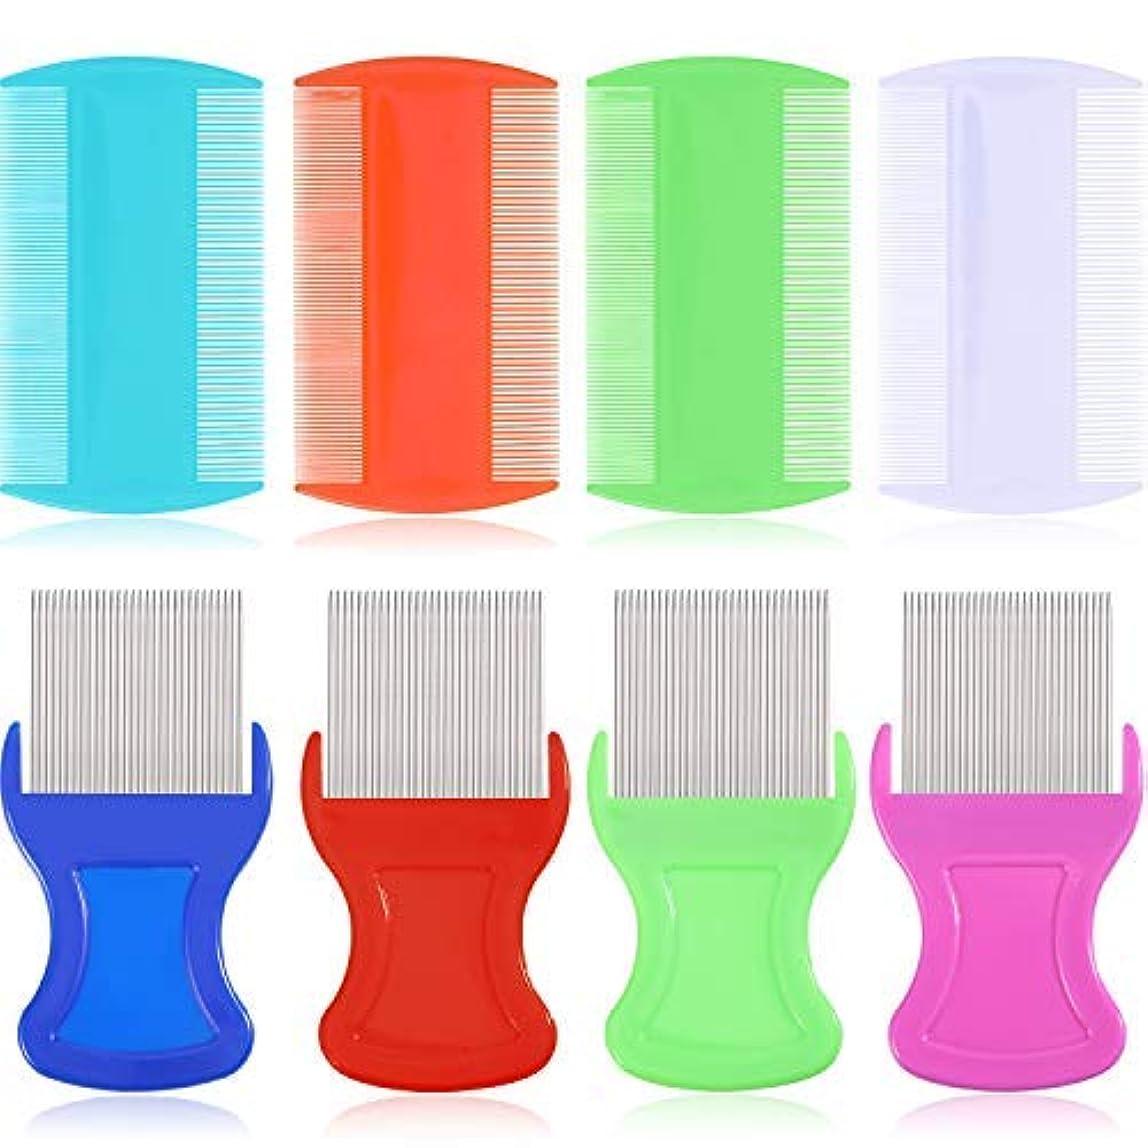 実験室プラスチック使役8 Pieces Flea Lice Comb Lice Removal Combs Include 4 Pieces Nit Remover with Metal Teeth and 4 Pieces Double Sided...